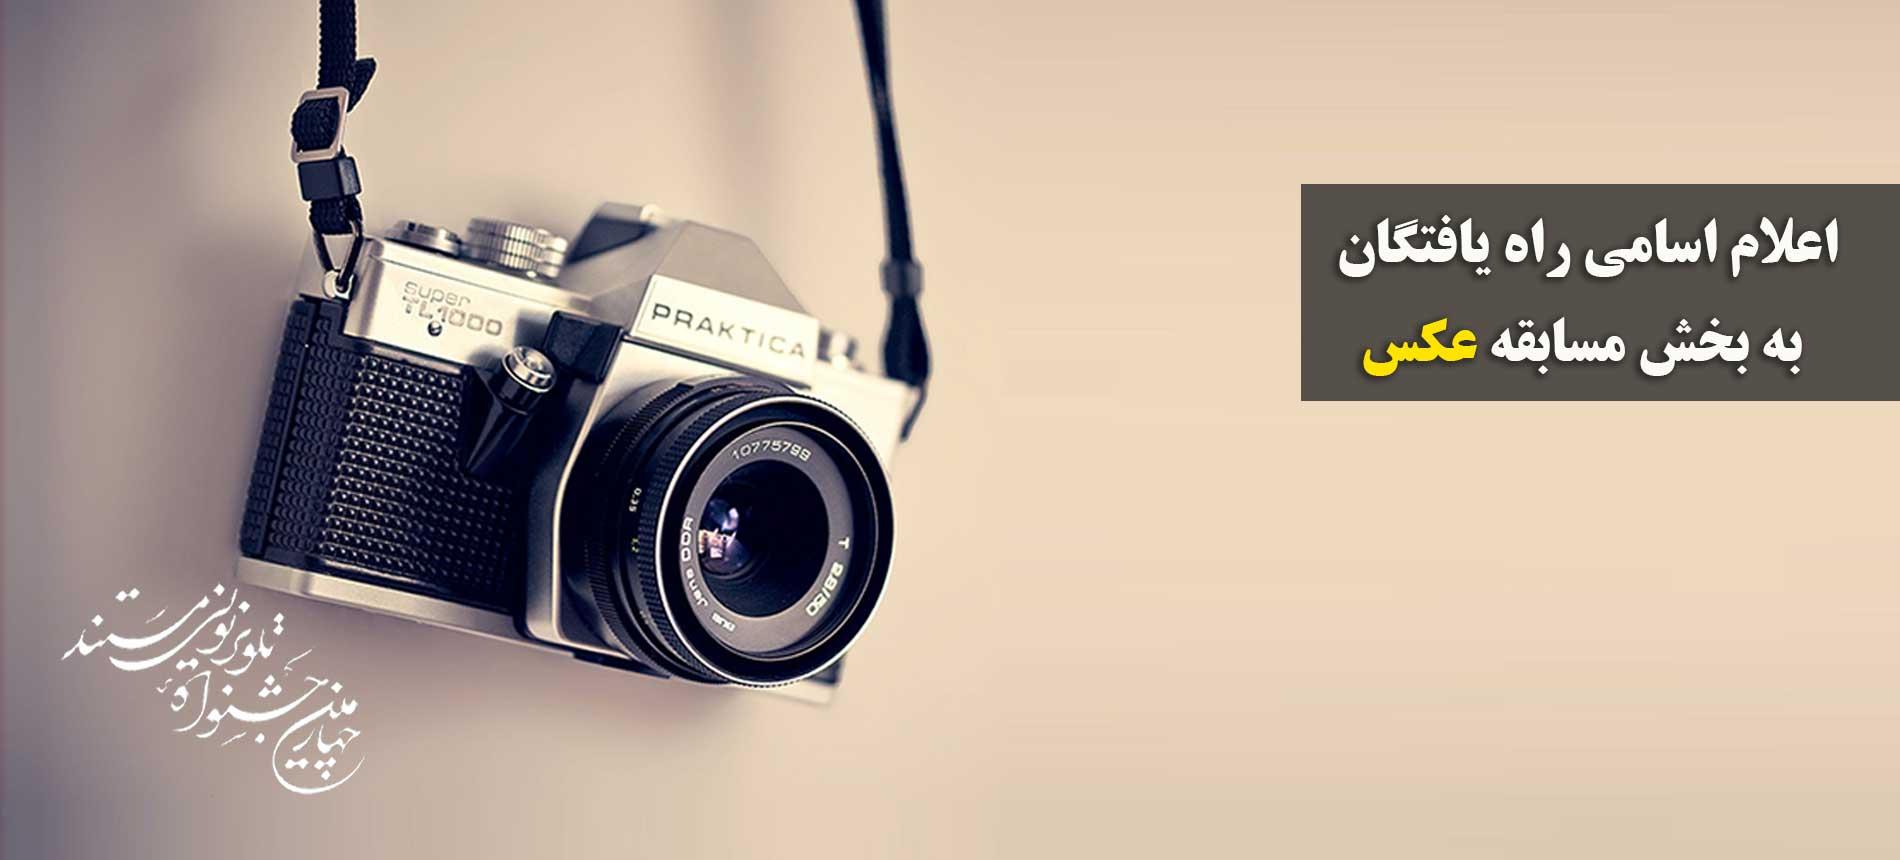 اعلام اسامی راه یافتگان به بخش مسابقه عکس چهارمین جشنواره تلویزیونی مستند